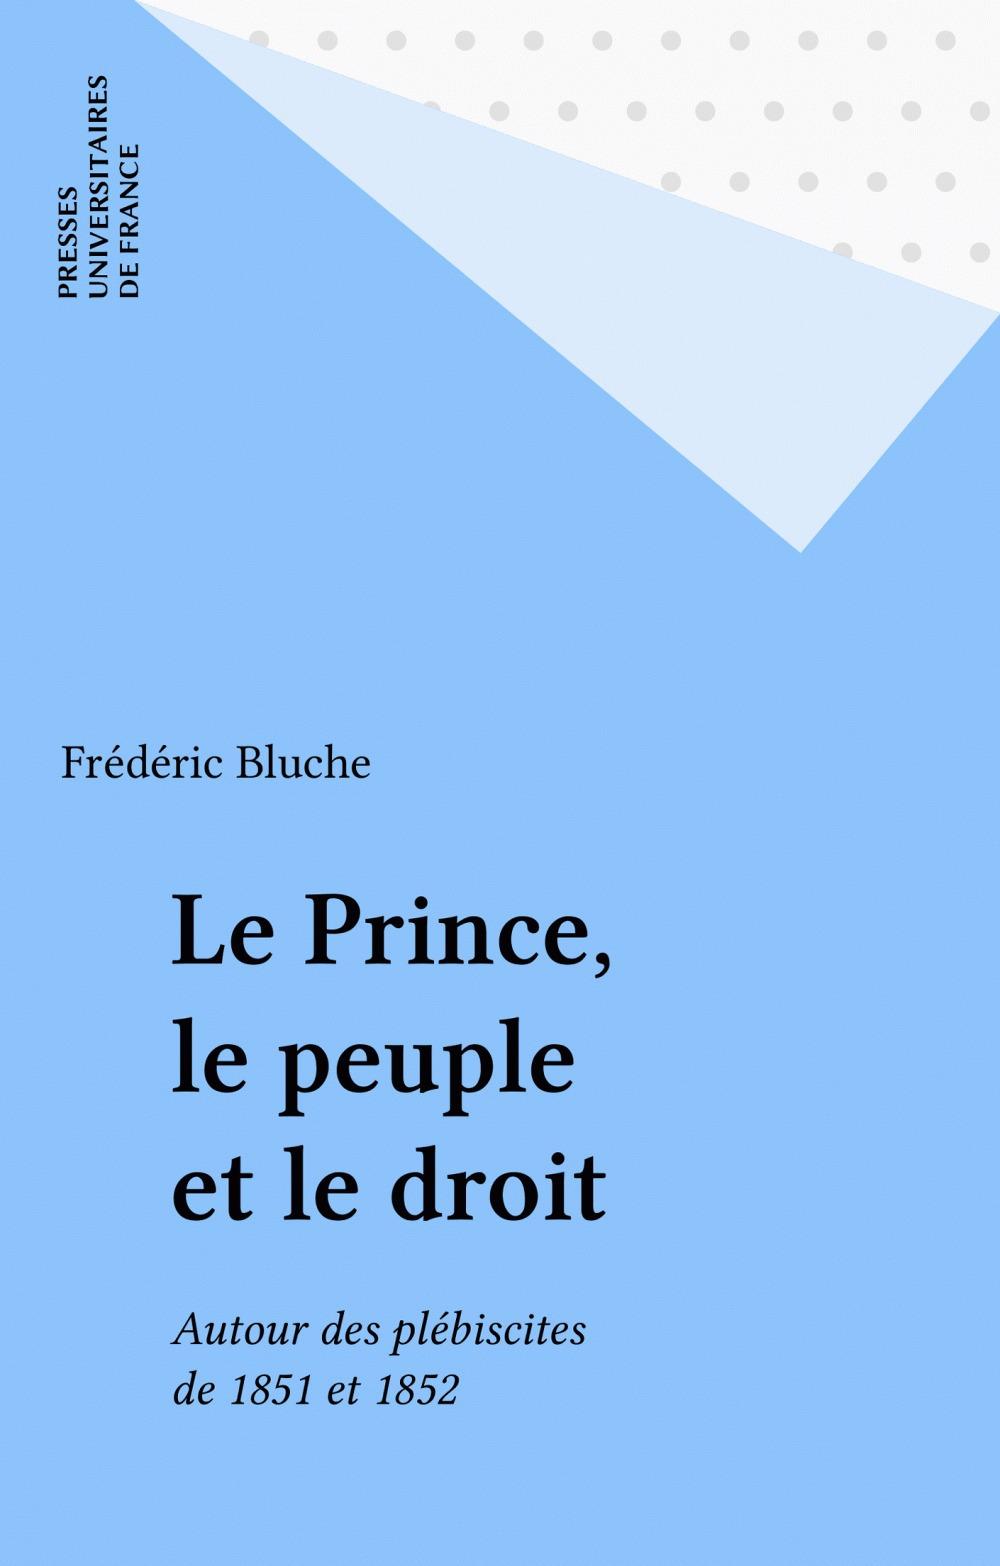 Prince le peuple et le droit (le)